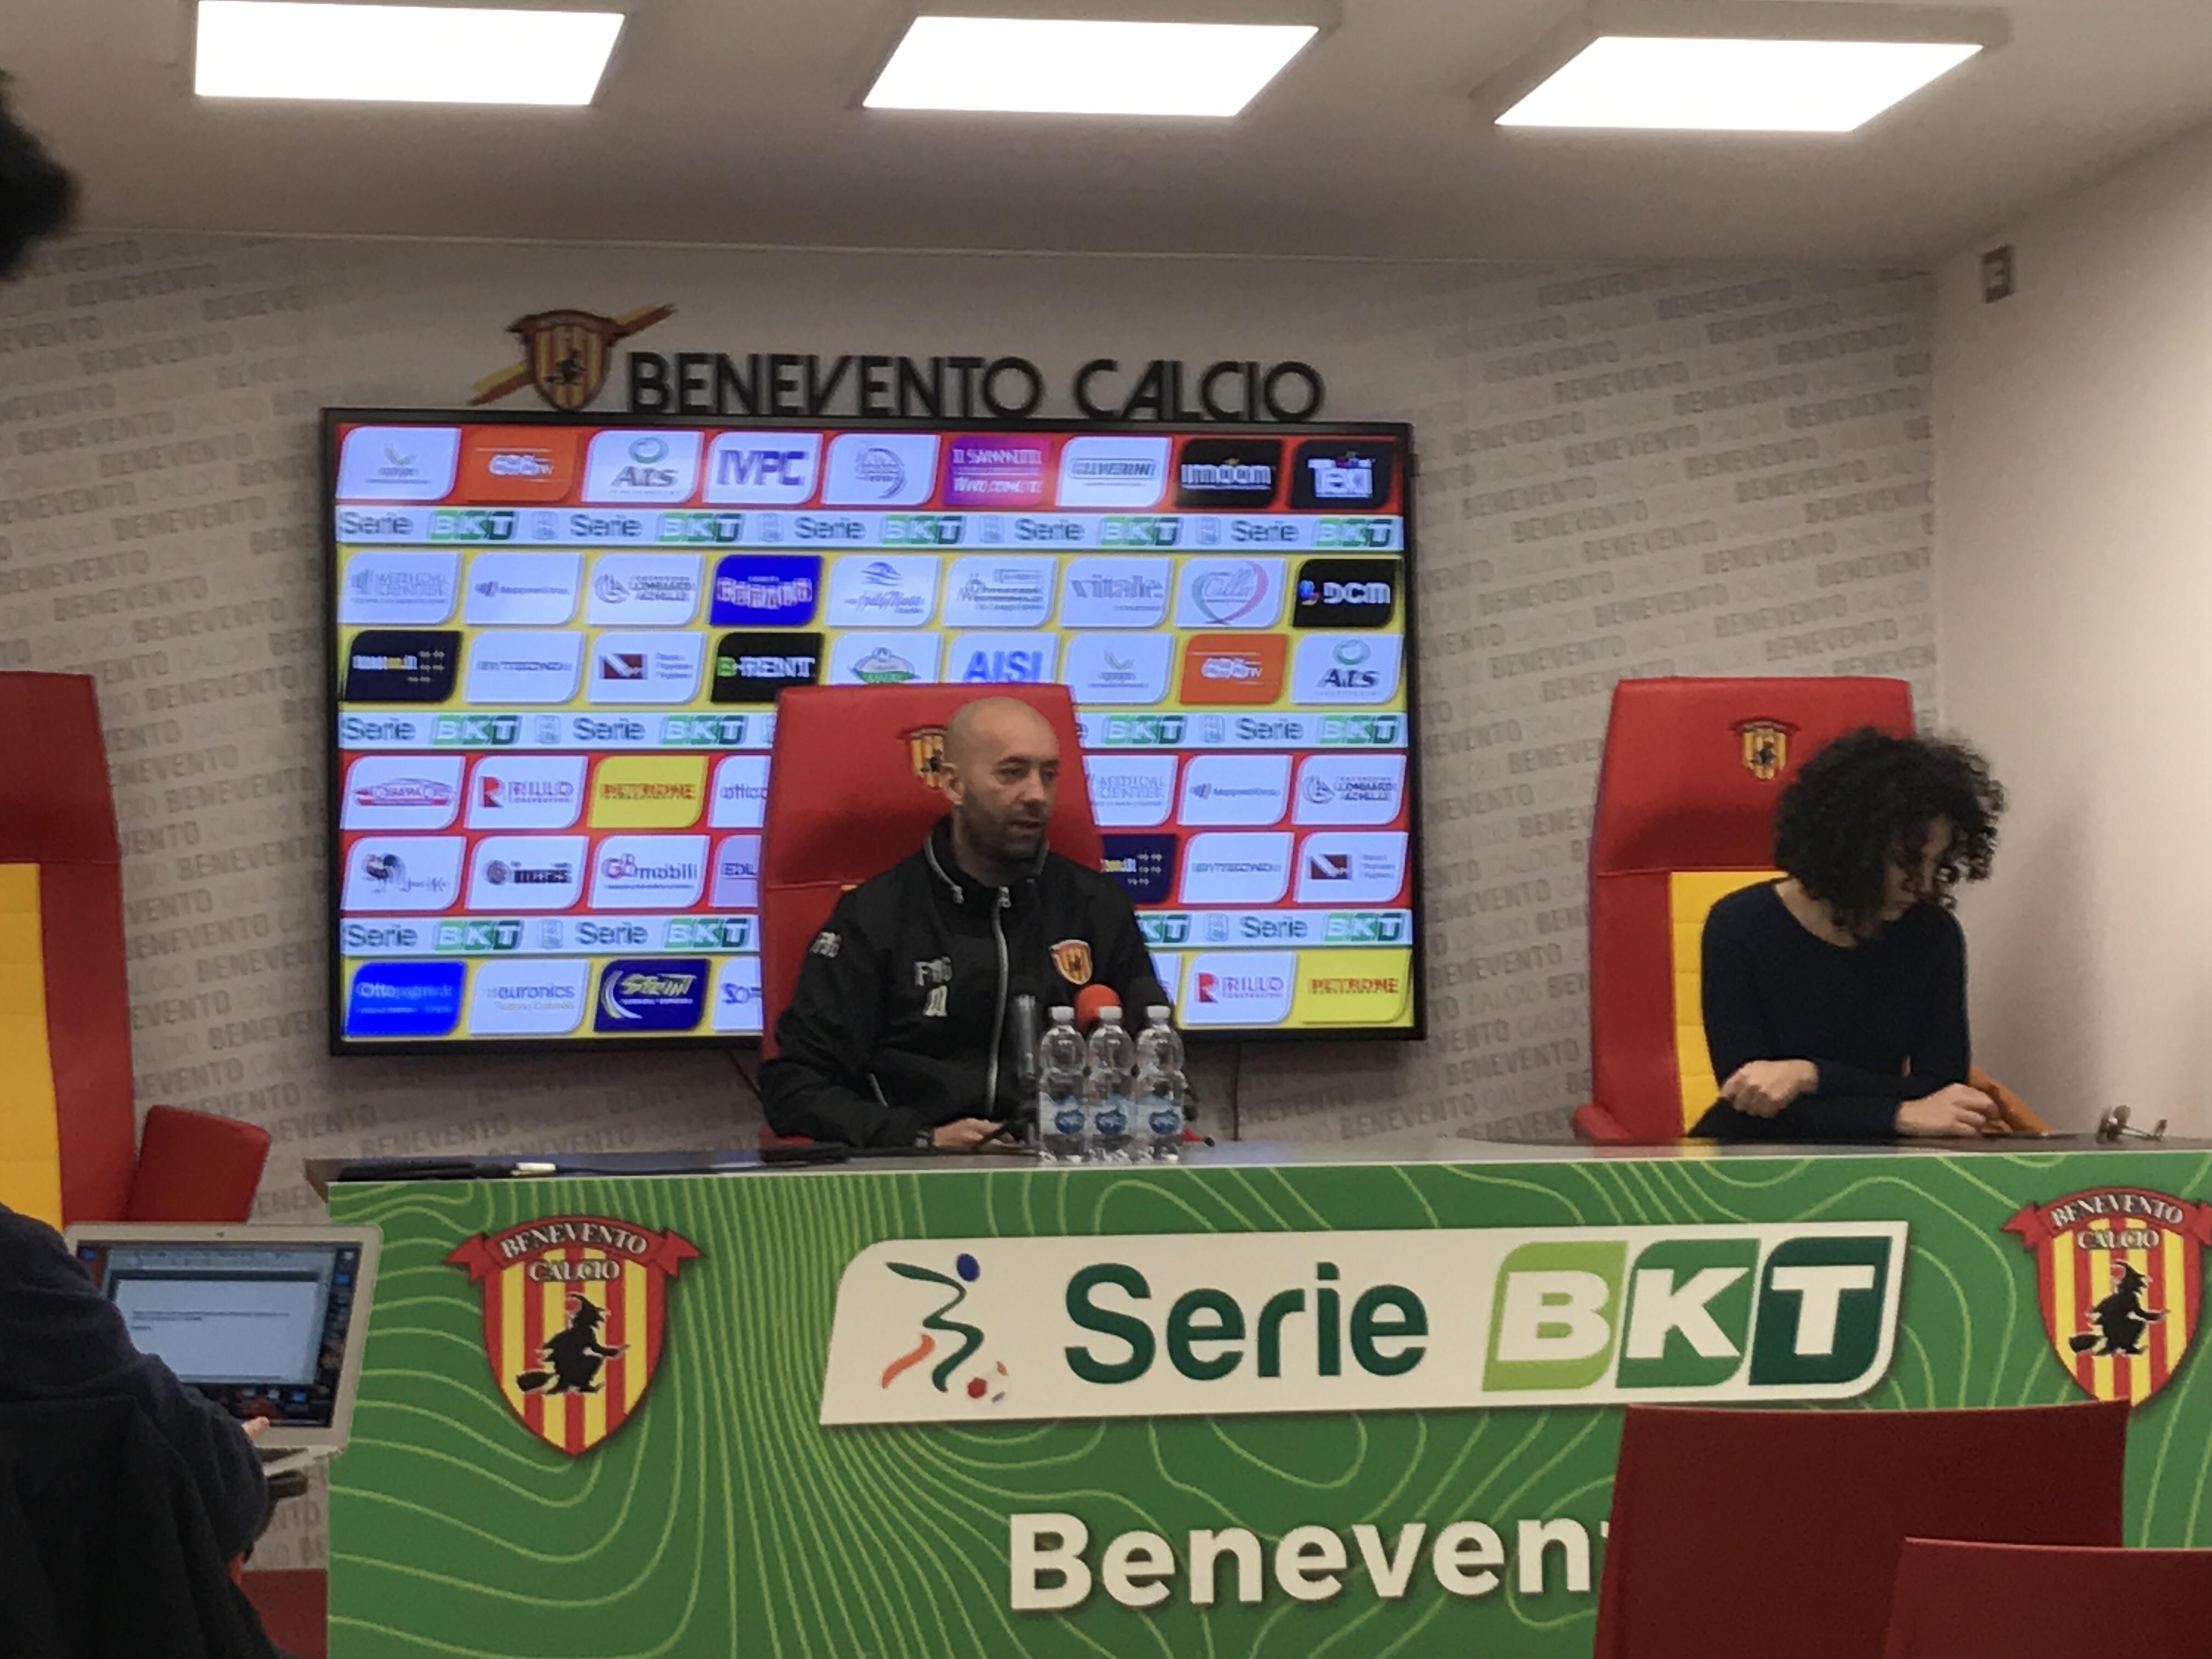 """Benevento, Bucchi: """"La mia squadra ora è matura. Basta esperimenti, gioca solo chi sta bene"""""""